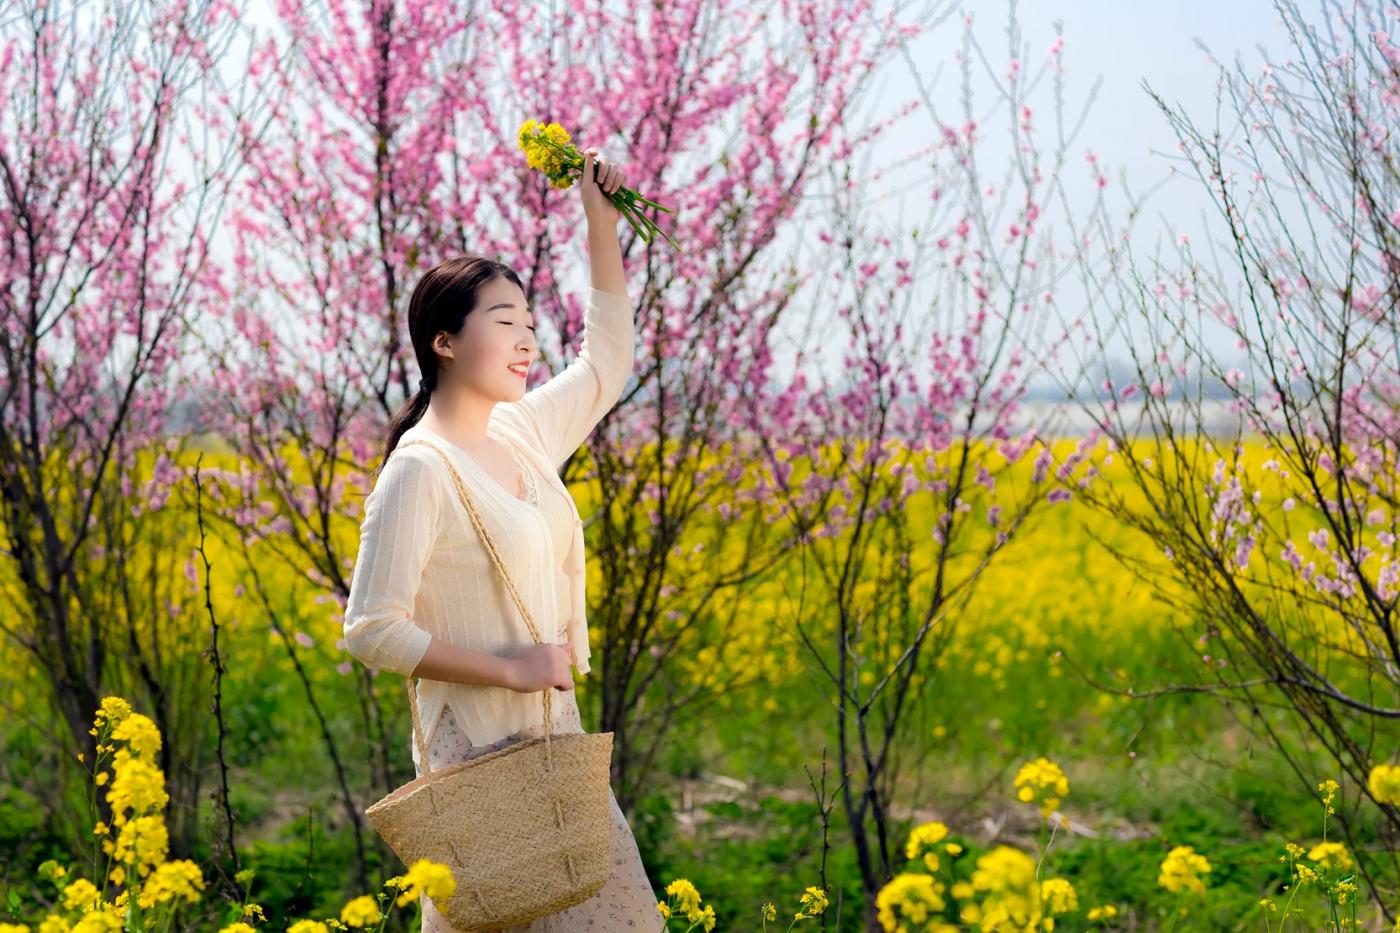 清明时节踏春的临沂女孩们_图1-14